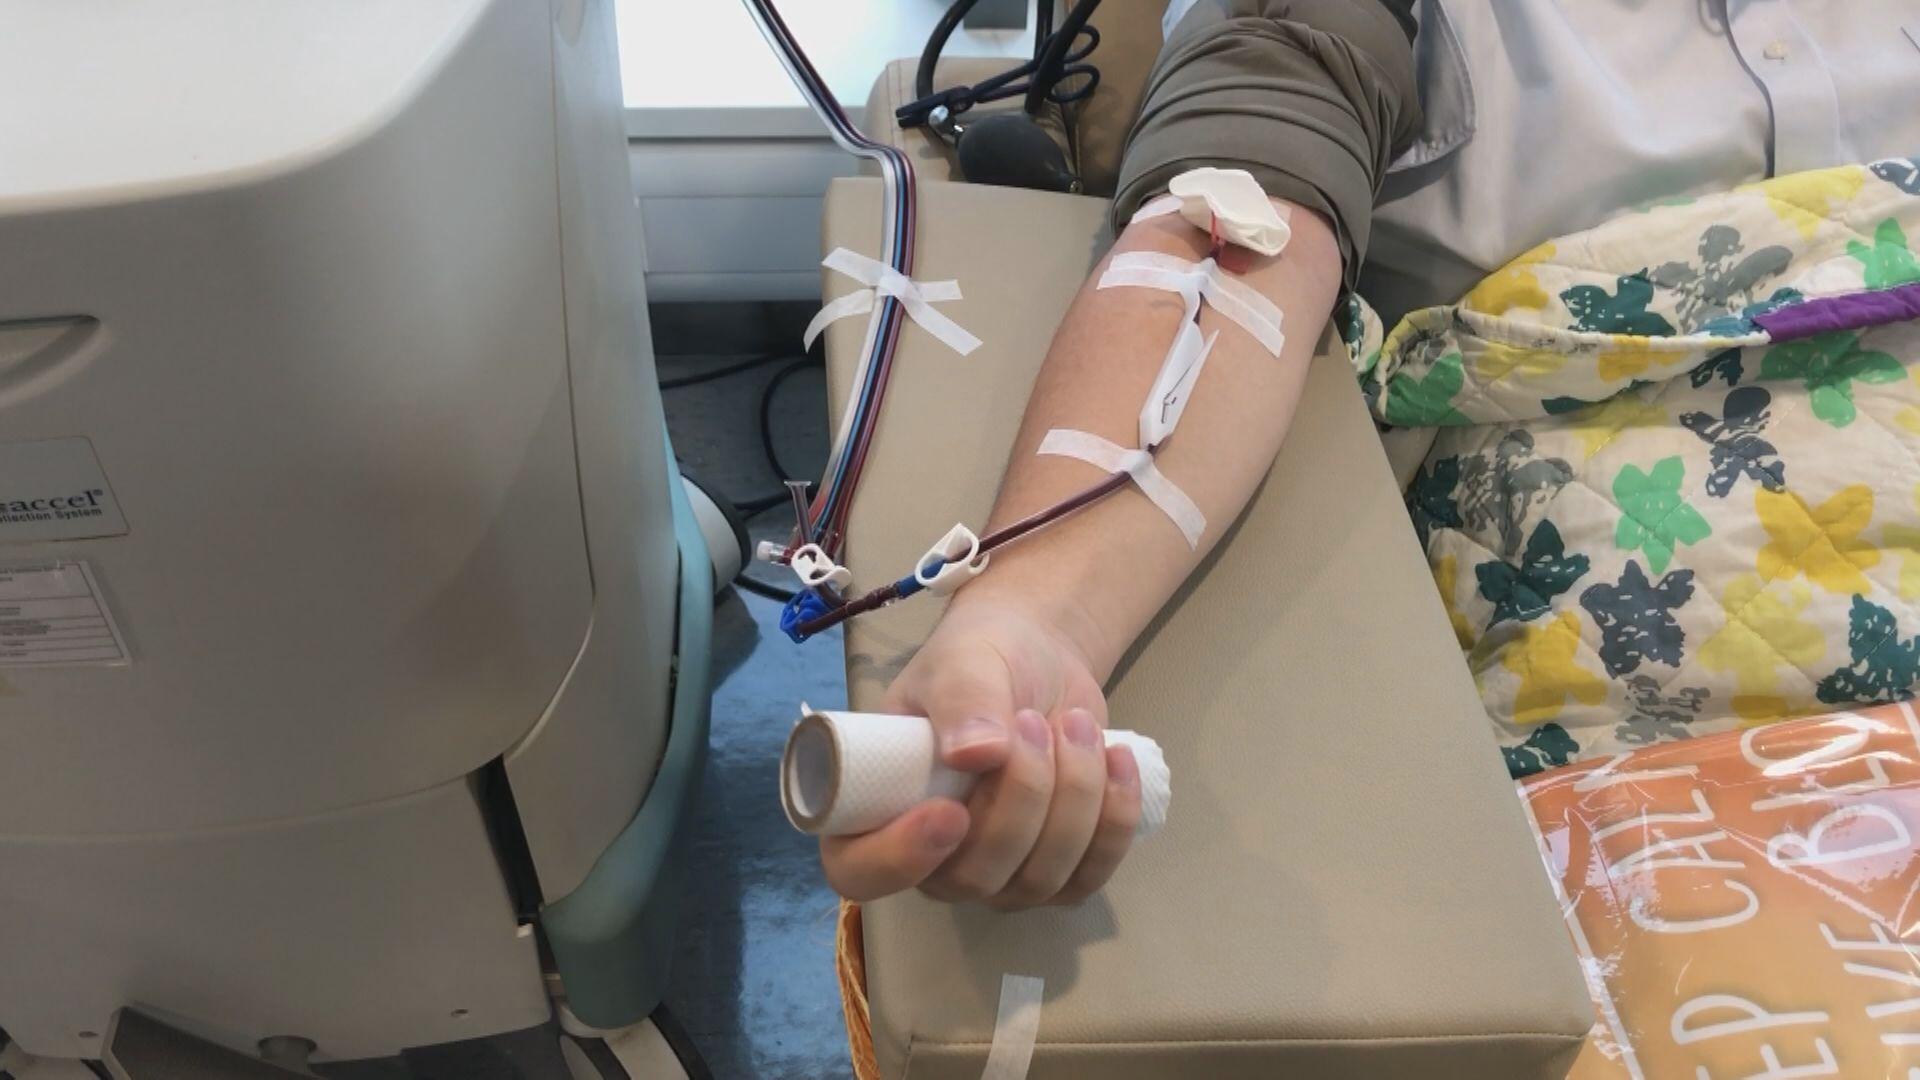 【經緯線本周提要】新冠肺炎康復者血漿 助重症病人脫險